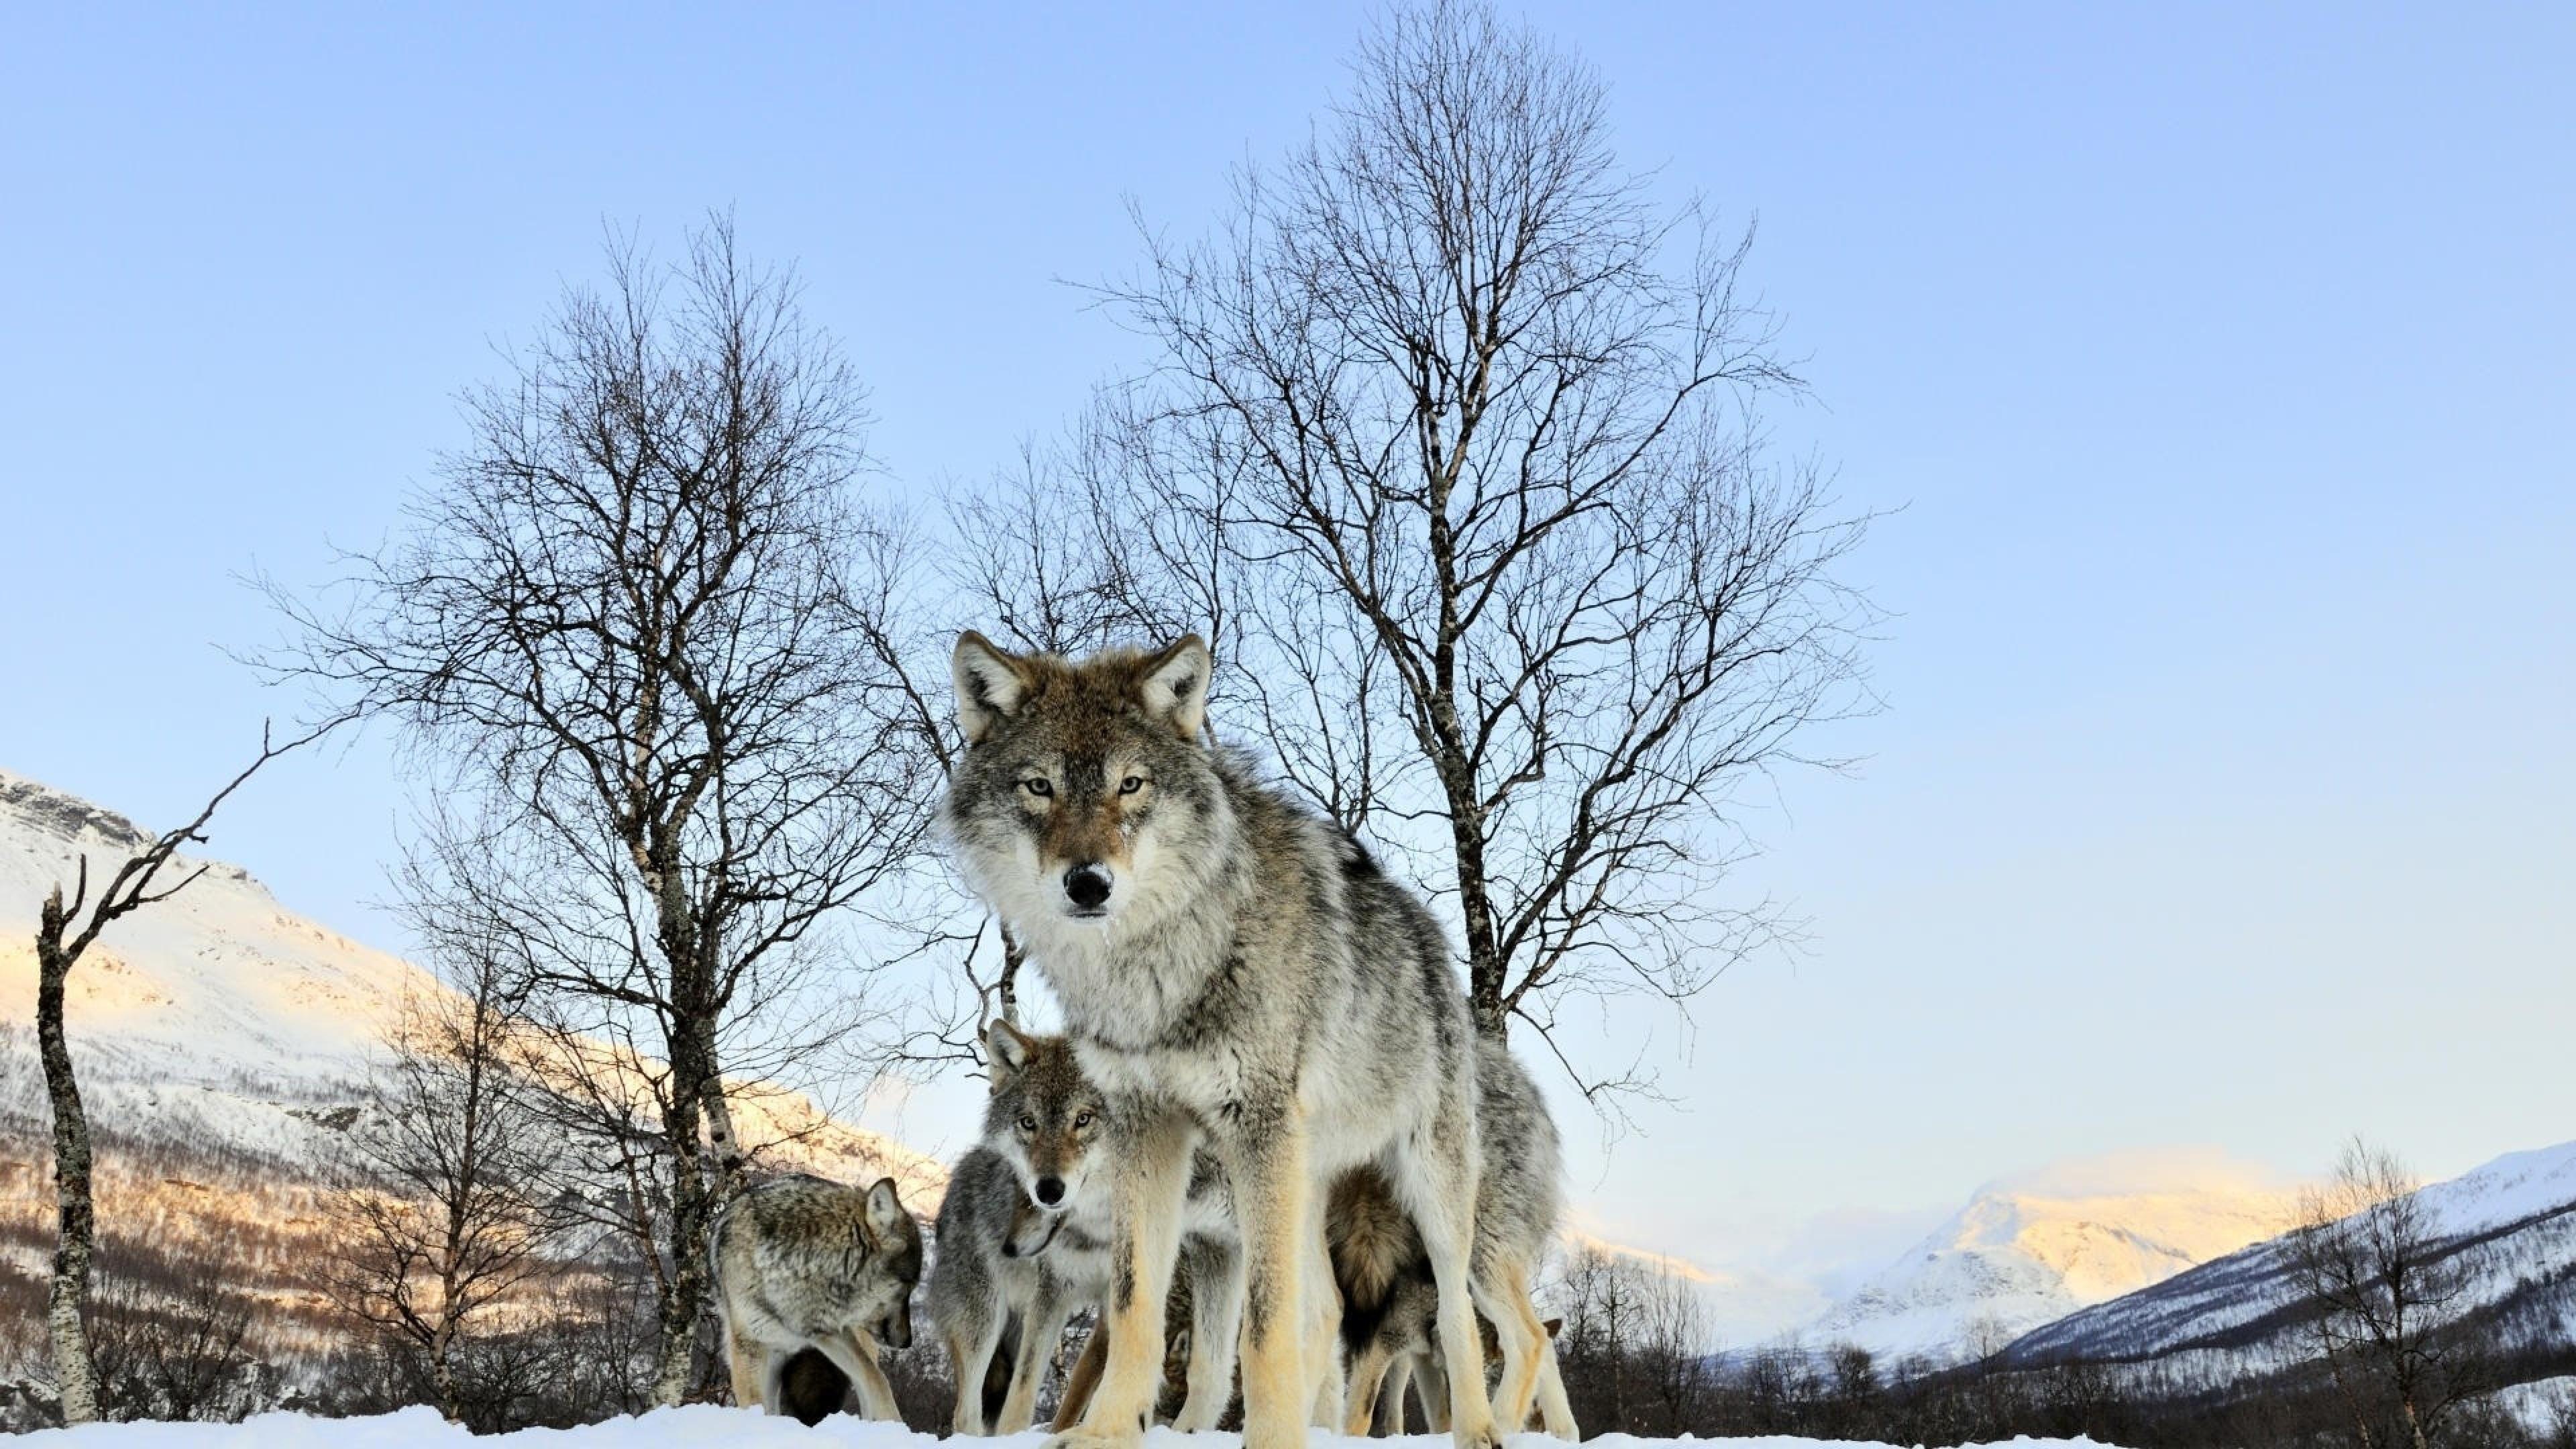 4K Wolf Wallpaper - WallpaperSafari